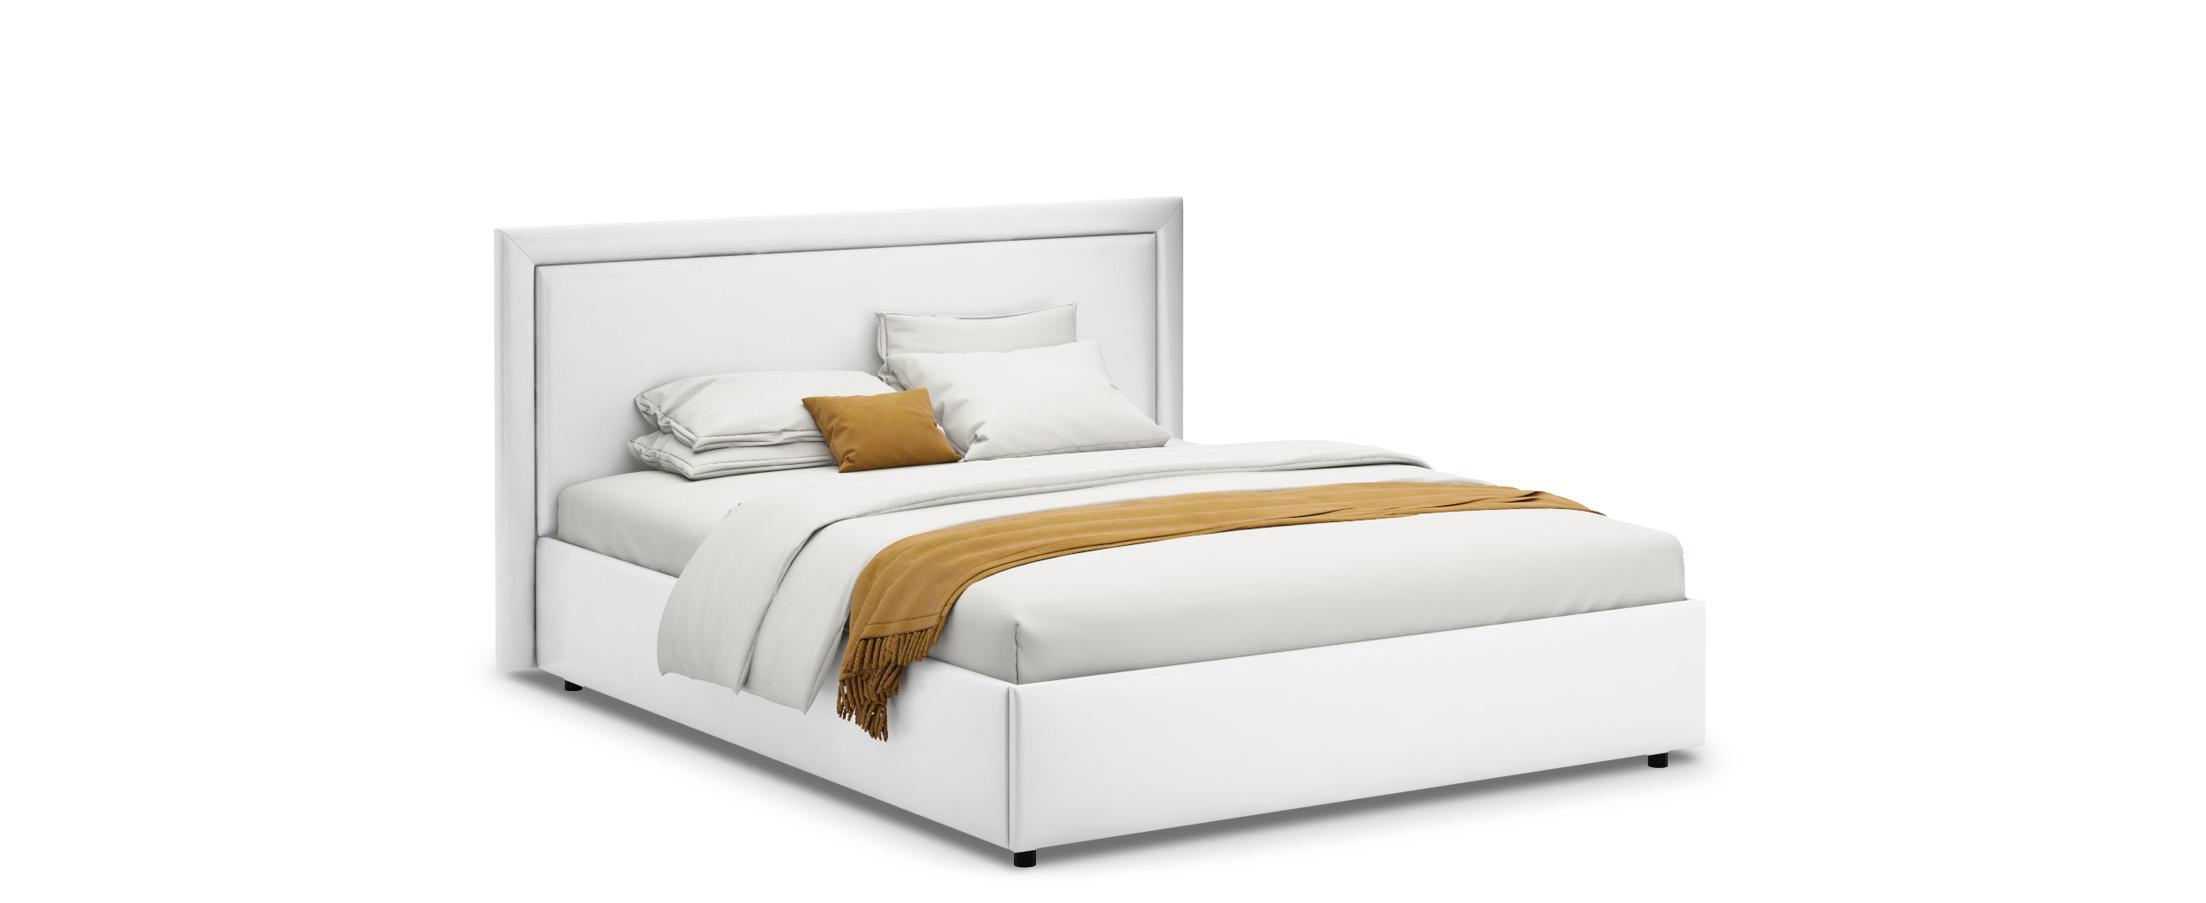 Кровать двуспальная Паола 140х200 Модель 1201Прямоугольная форма изголовья кровати Паола с мягкой рамой по краям напоминает собой картину. Простые строгие формы без лишних деталей позволяют вписать эту кровать в интерьер практически любого стилистического направления.